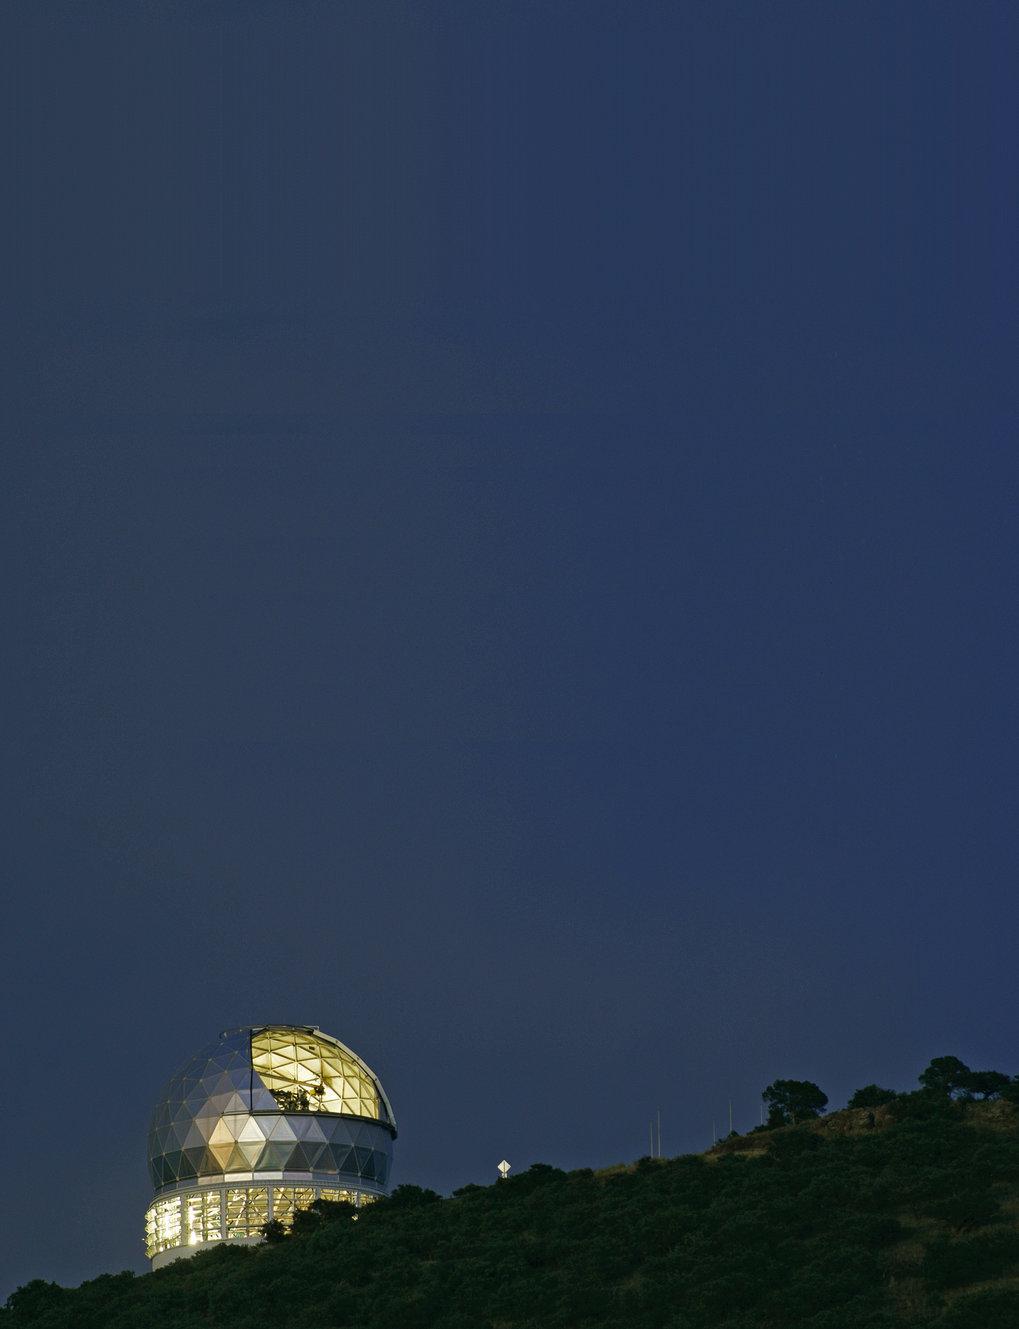 Abb. 1: Abendbild mit dem Hobby-Eberly-Teleskop am McDonald-Observatorium in Texas. Mithilfe dieses Teleskops nahm Remco van den Bosch (MPIA) die Spek